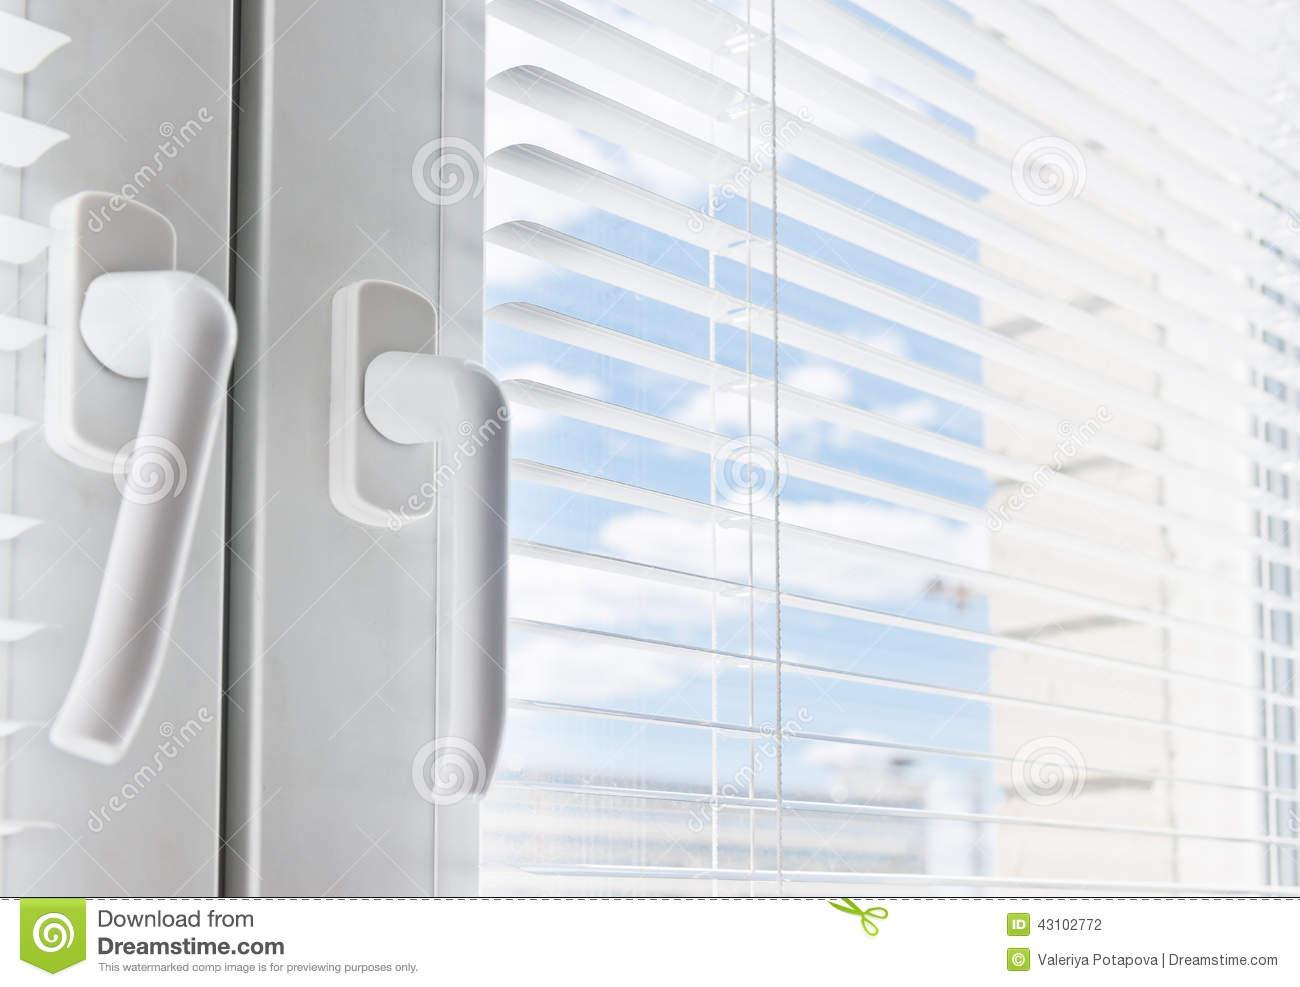 Full Size of Velux Fenster Rollo Neue Einbauen Schüco Preise Konfigurieren Folie Ebay Sicherheitsfolie Dampfreiniger Kunststoff Einbruchsicher Nachträglich Rollos Für Fenster Fenster Jalousie